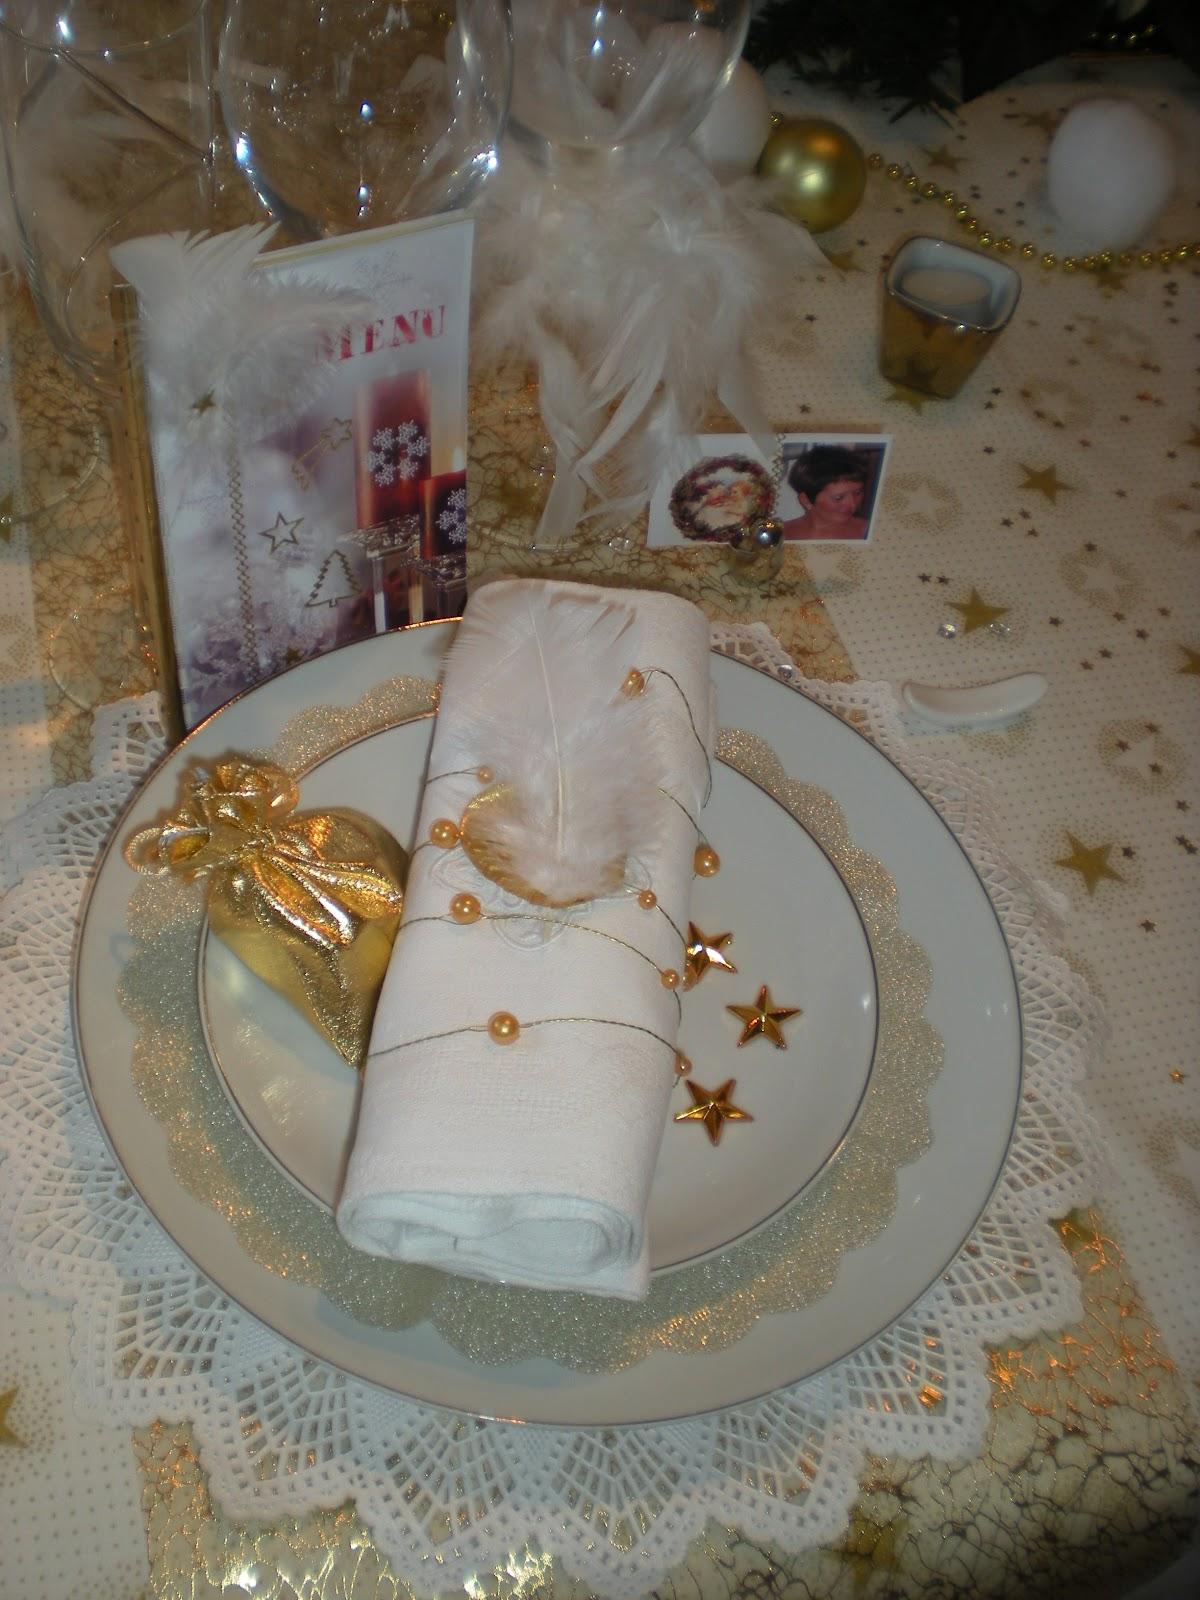 #9B6B30 Déco De Noël En Or Et Blanc . Déco De Table à Thèmes 6179 decoration de table de noel en blanc 1200x1600 px @ aertt.com